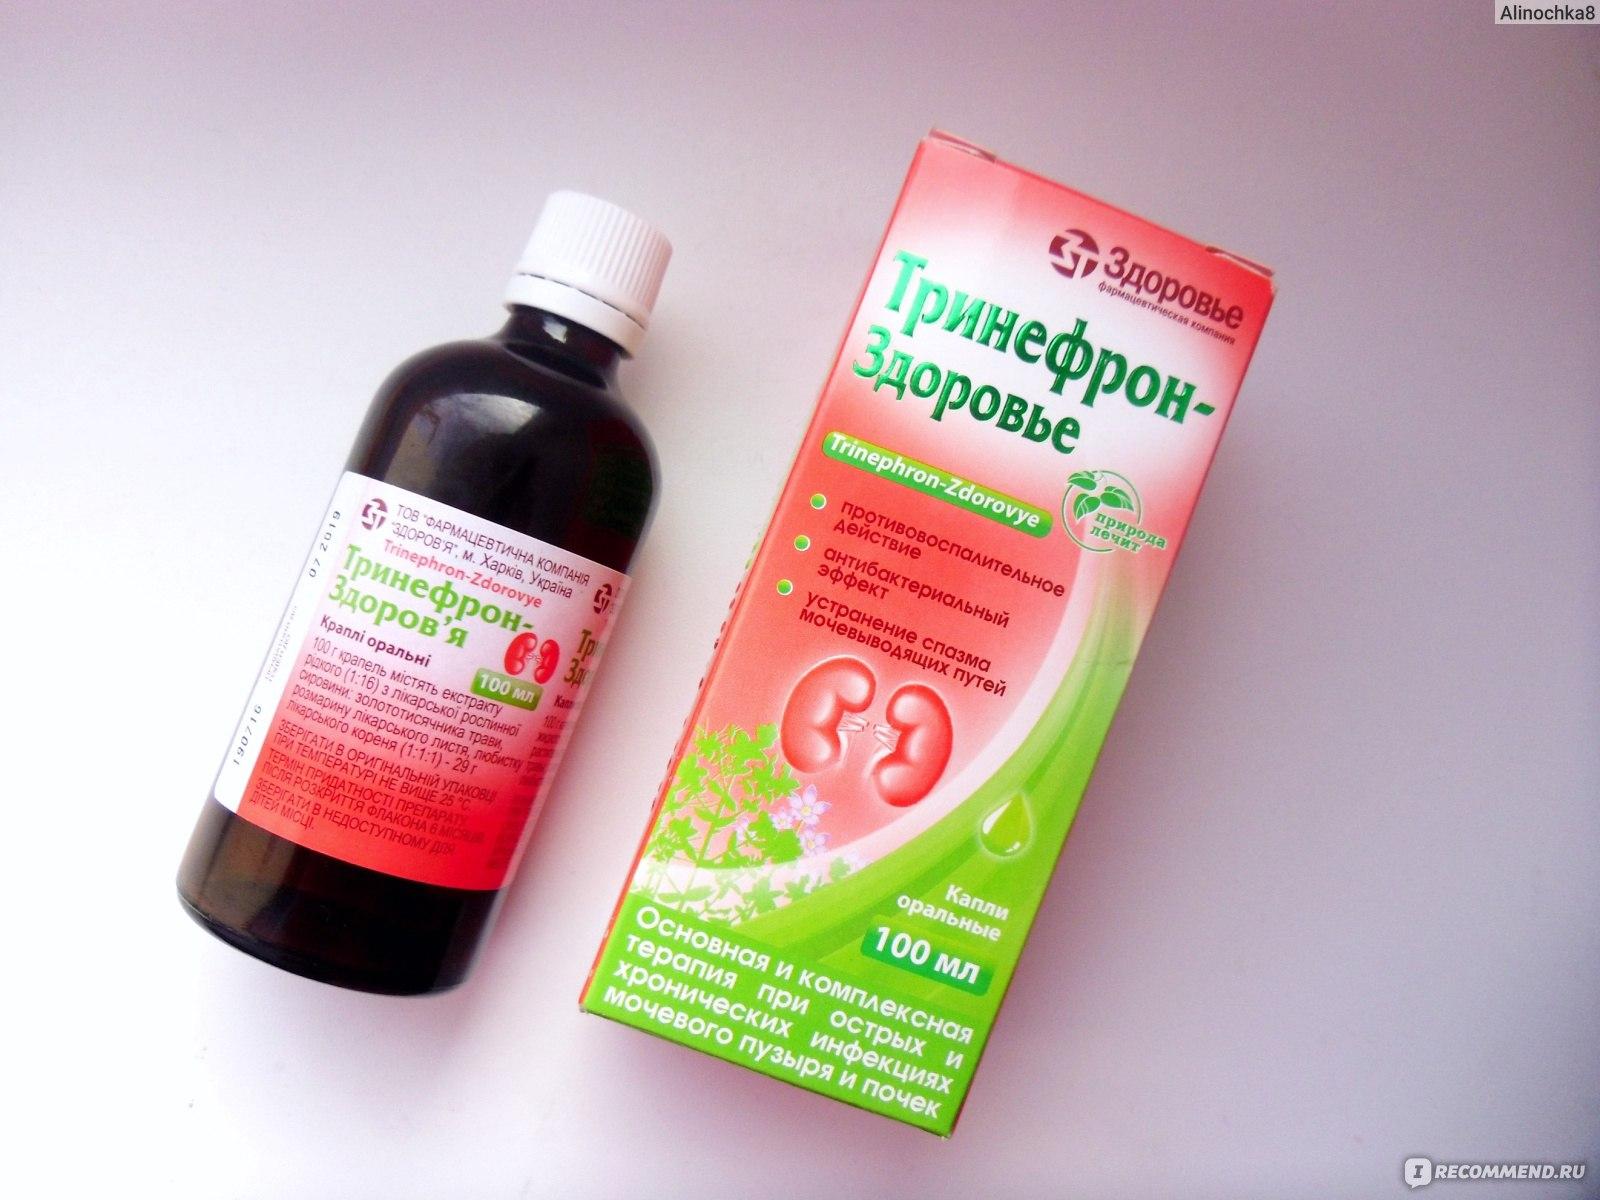 Тринефрон капсулы: препарат для лечения мочевыводящих путей